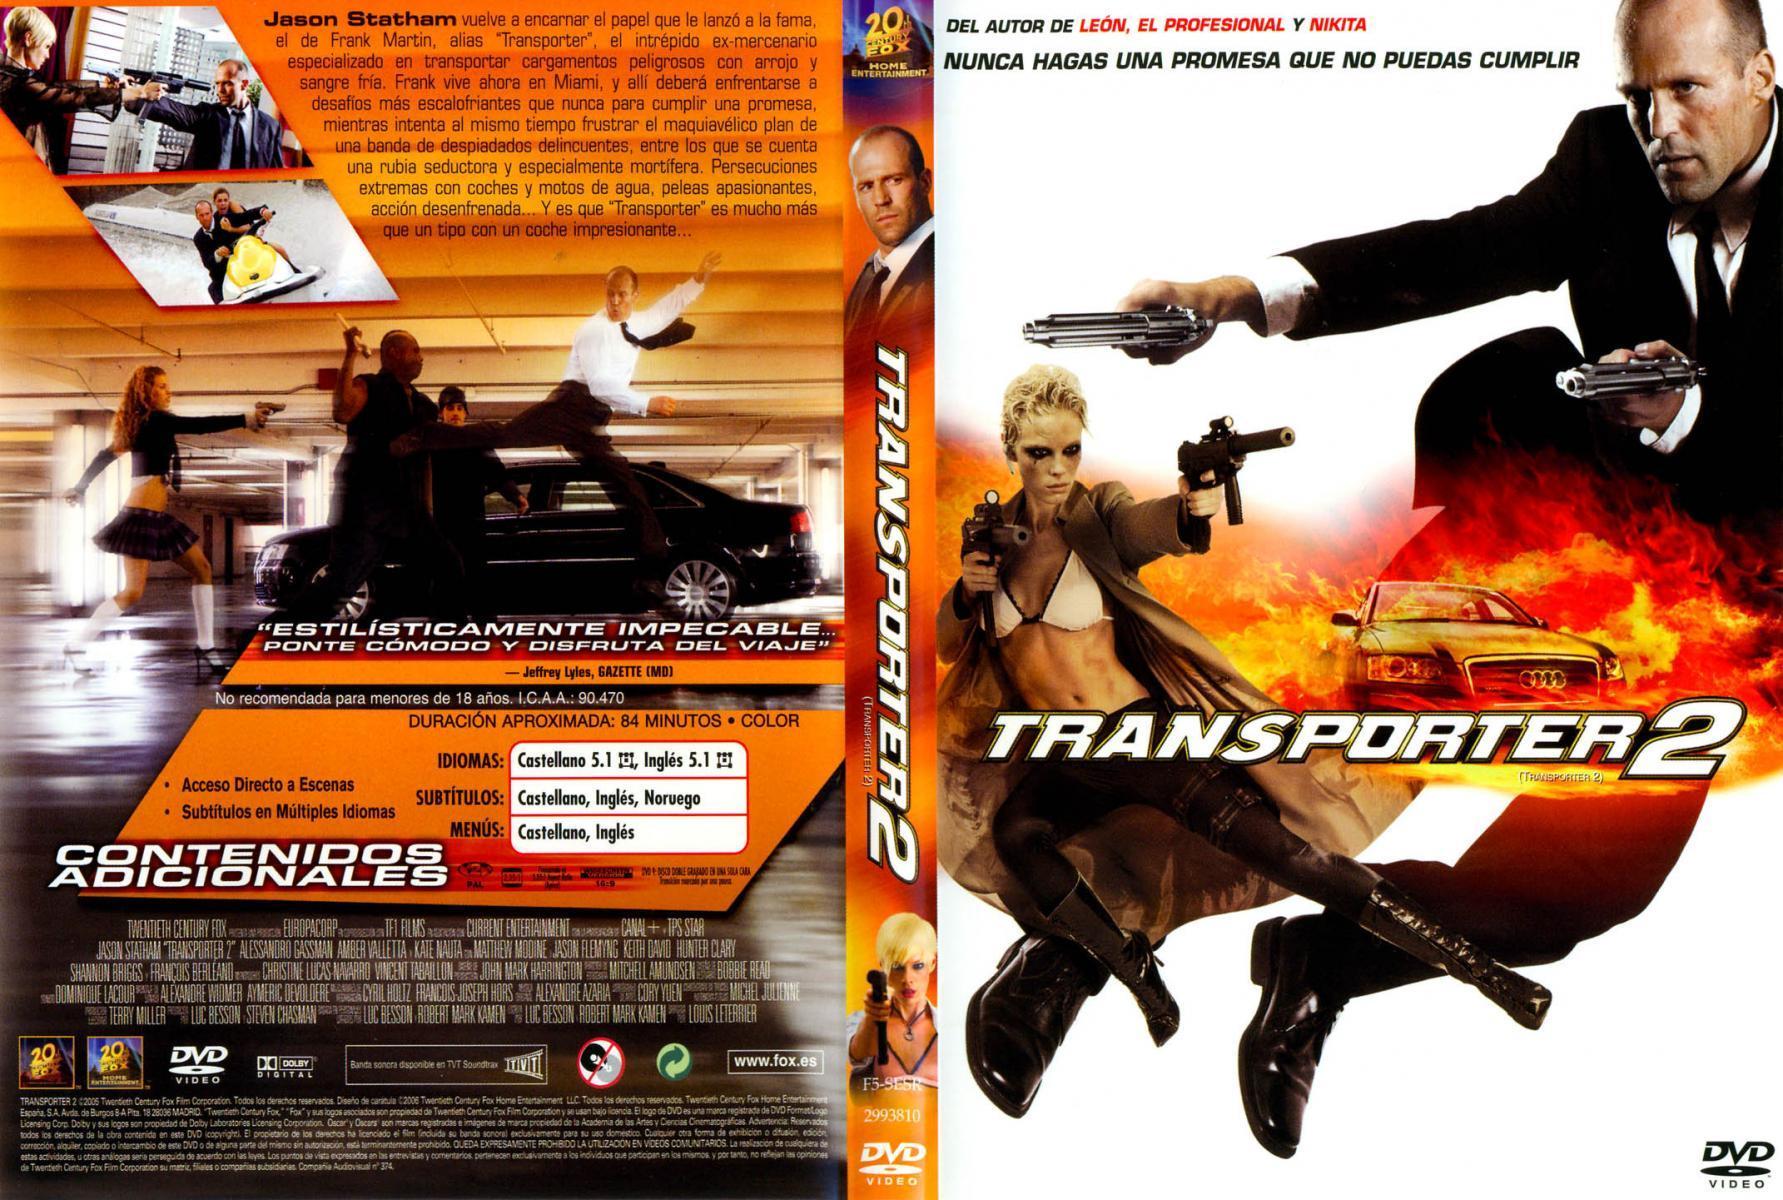 Transporter Dvd Cover | Foto Bugil Bokep 2017 |Transporter 2 Dvd Cover